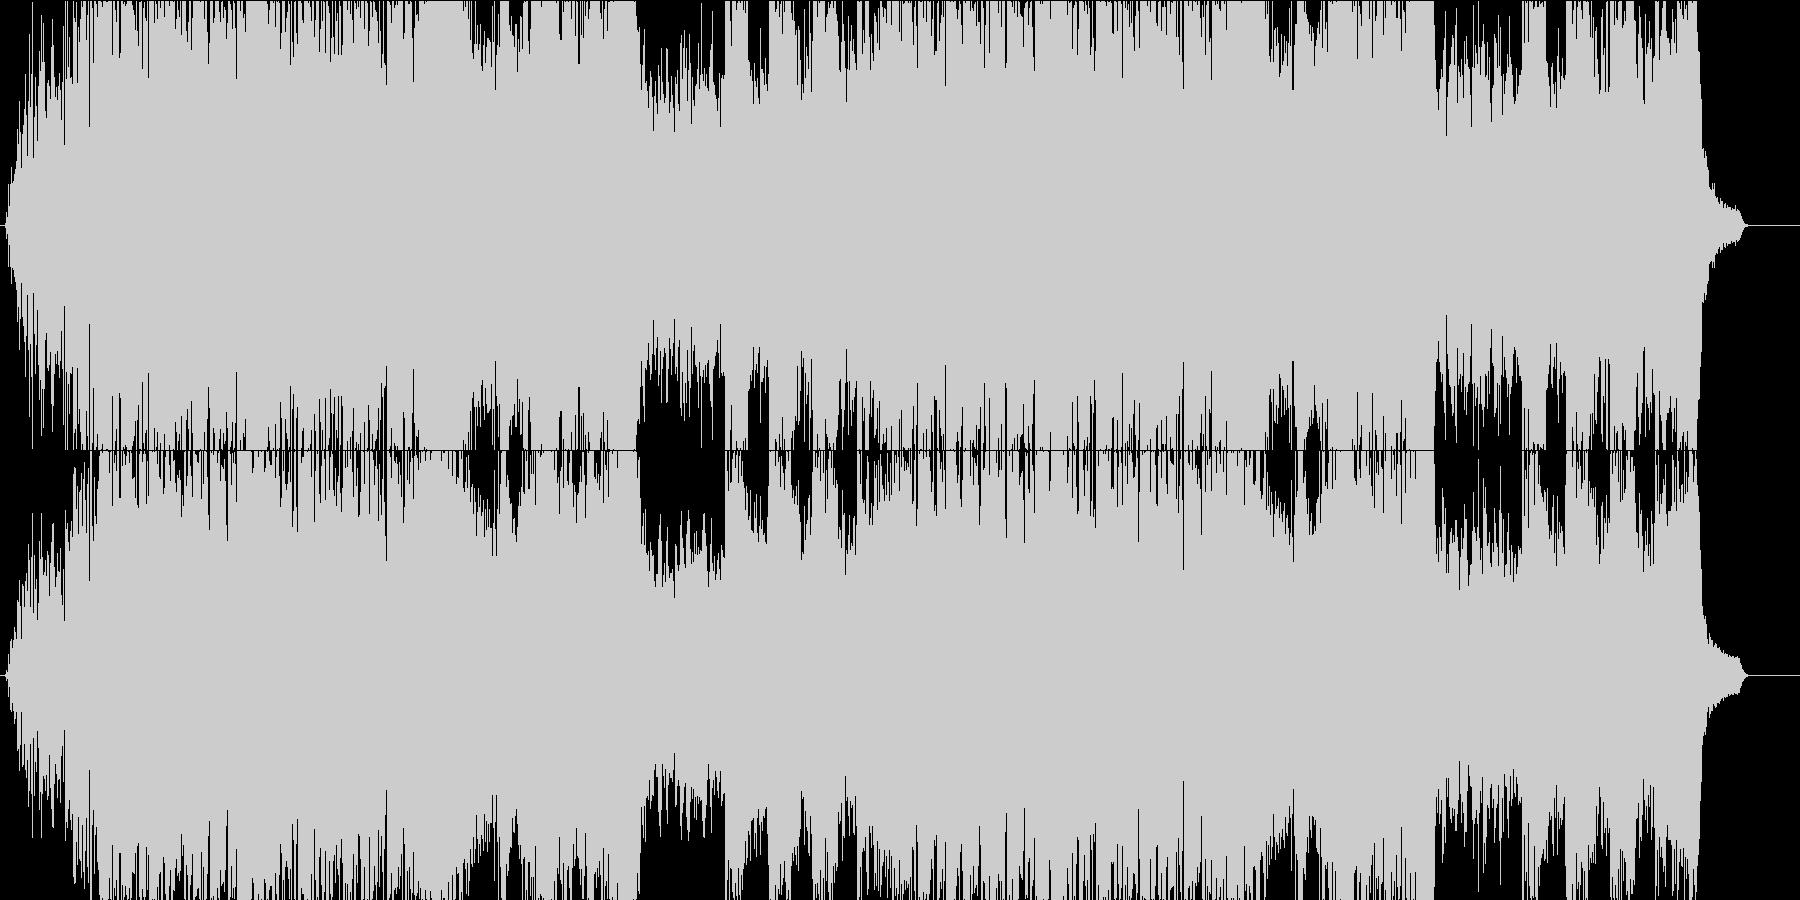 ダークファンタジーの未再生の波形